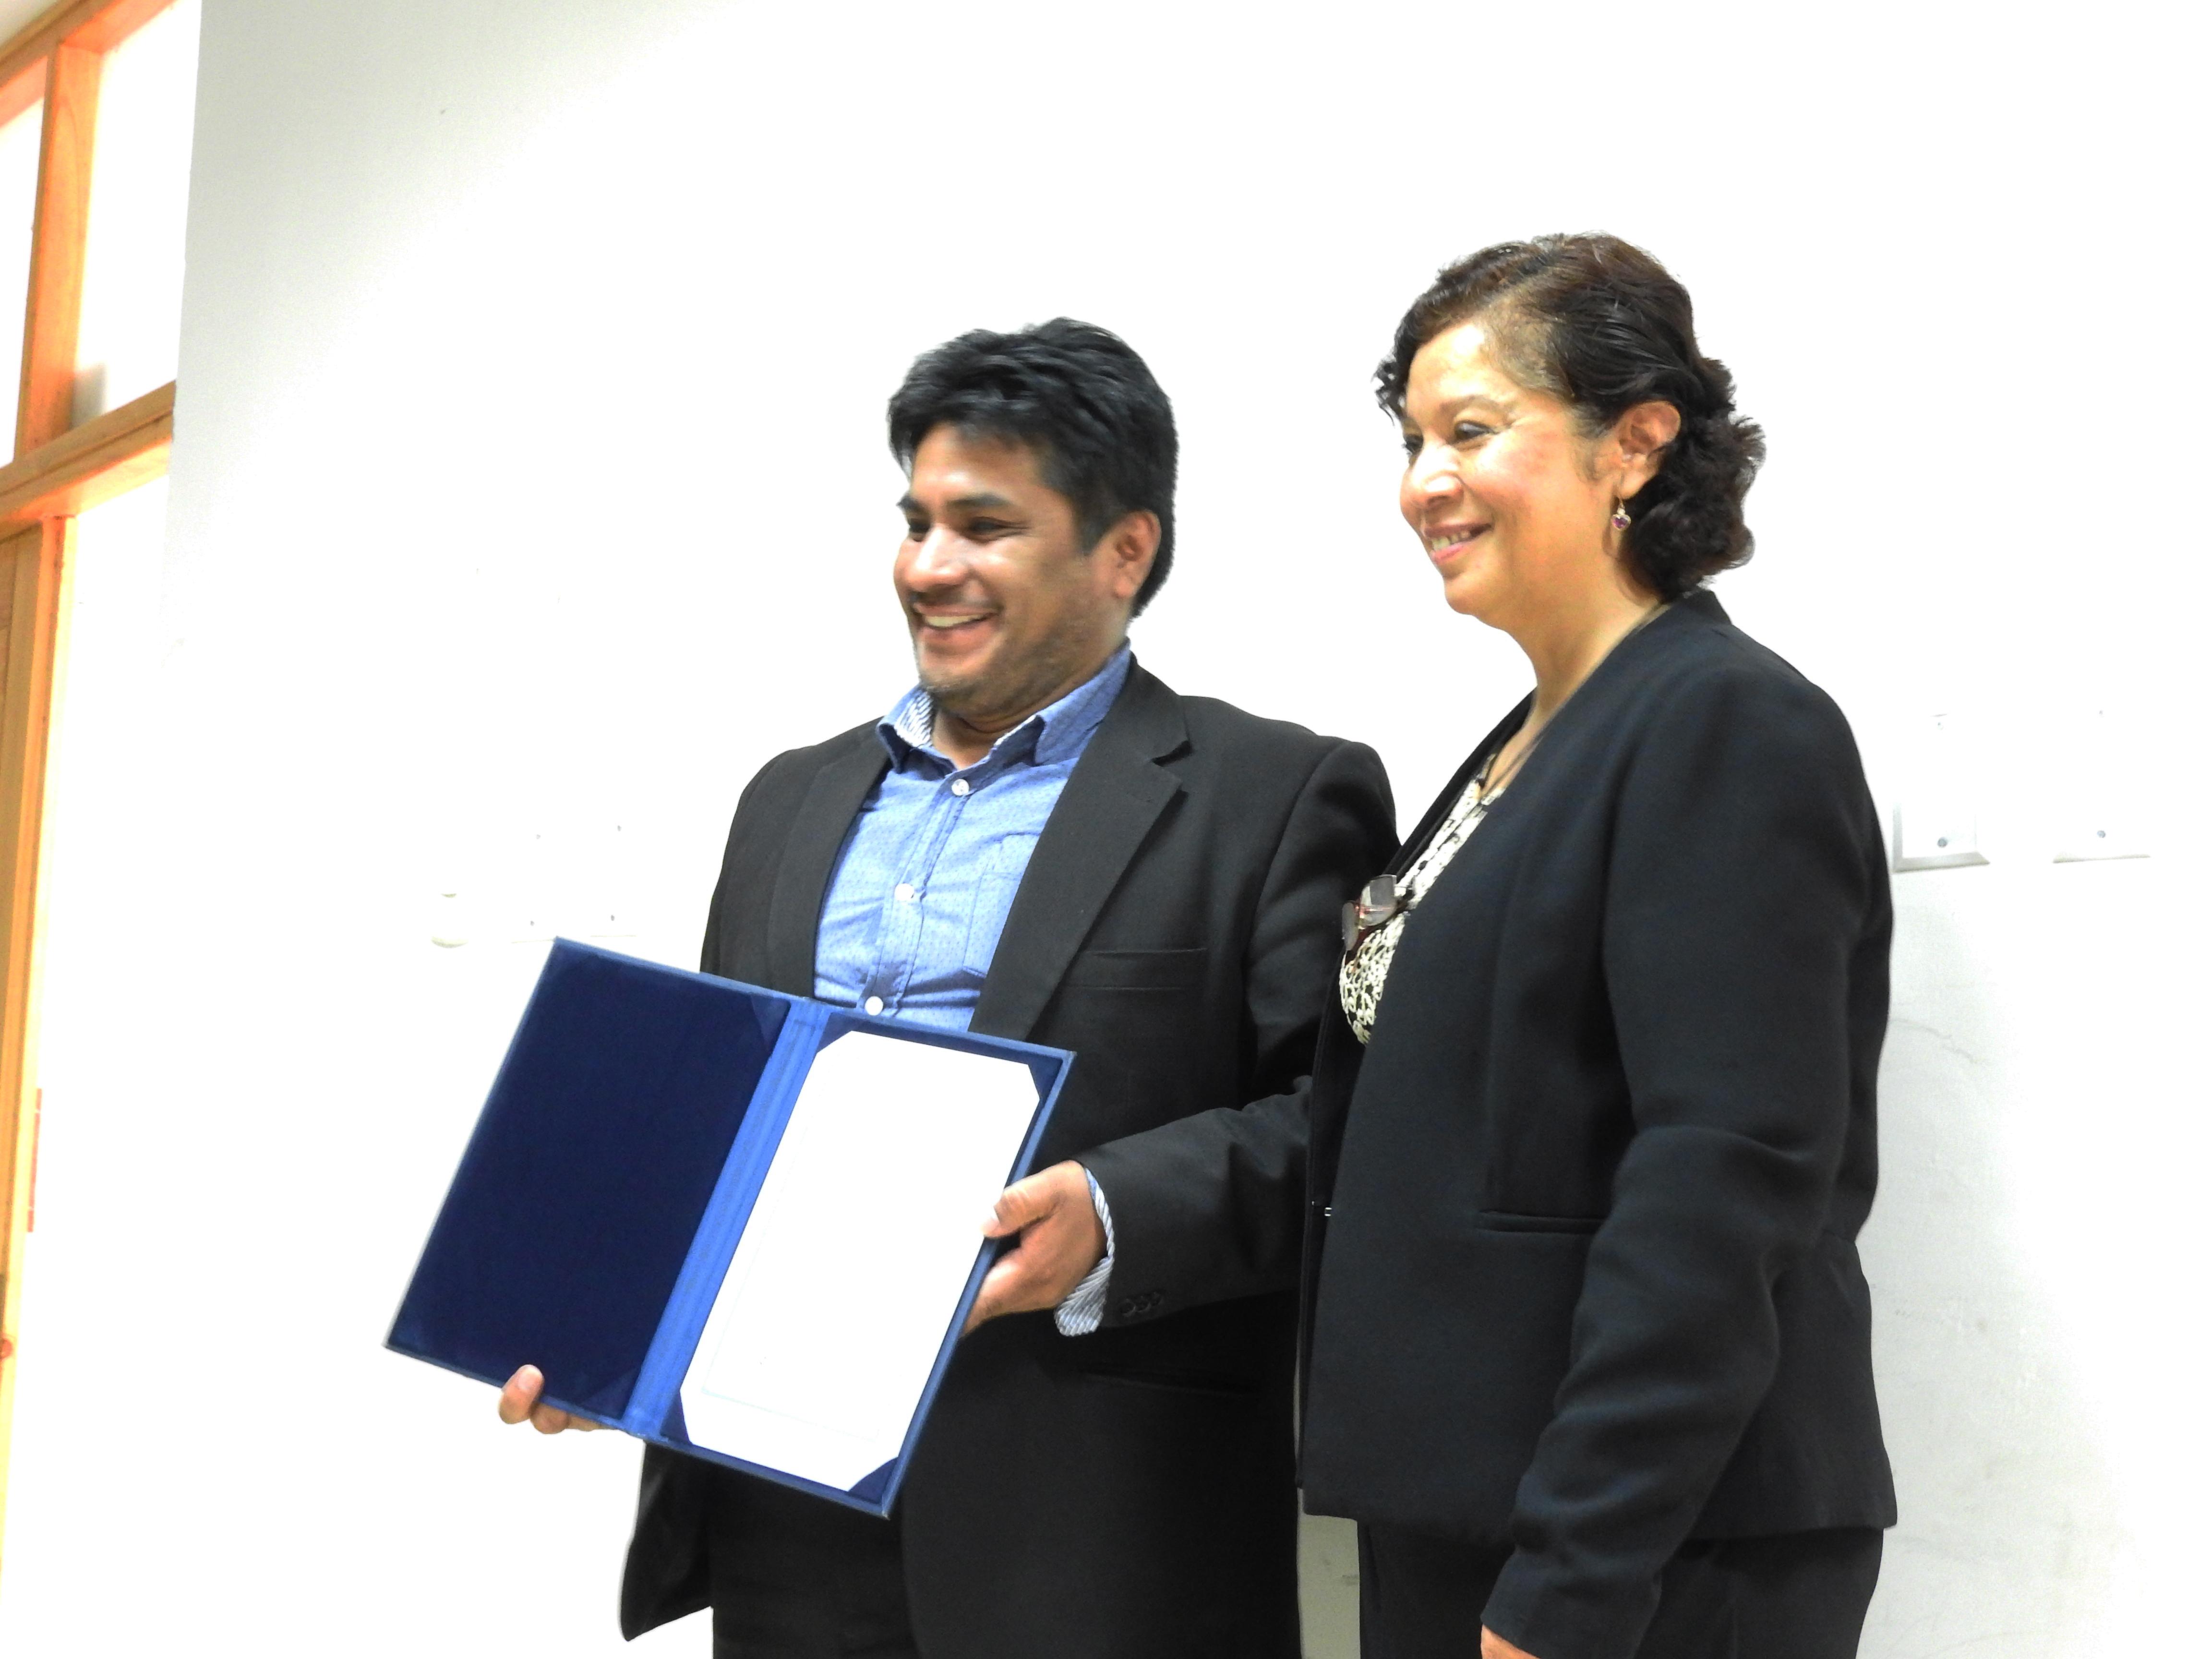 Reconocimiento al docente Mg. Héctor Castro por el trabajo realizado por la Maestría en Gerencia Social a cargo de la Dra. Yojani Abad Sullón, Vicerrectora Académica de la UNP